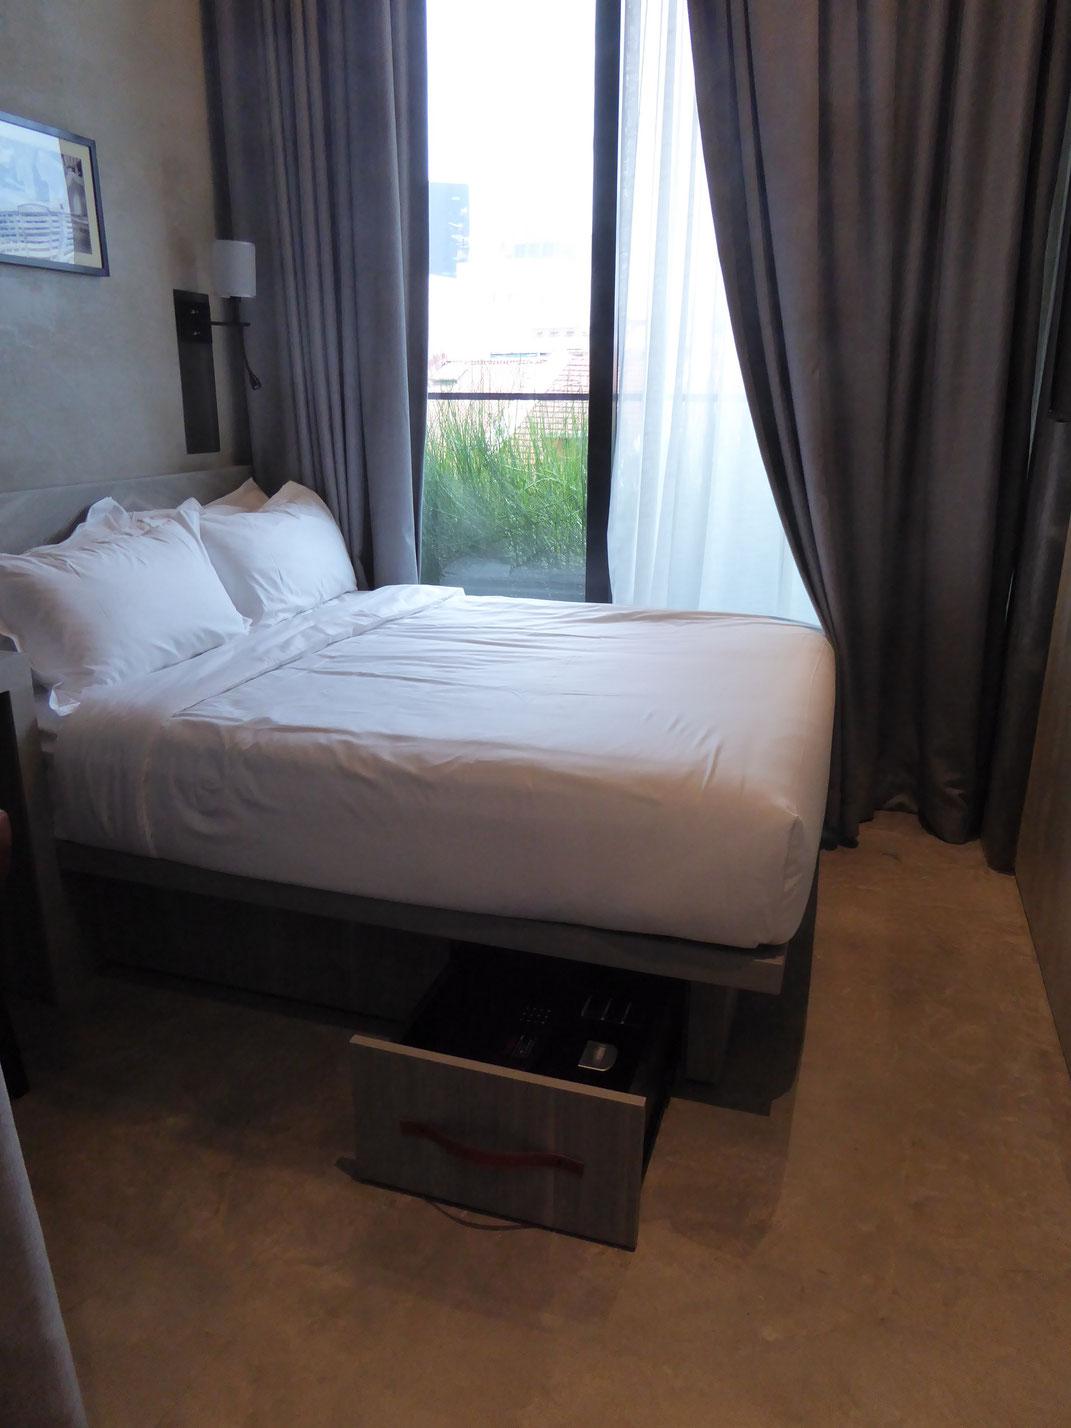 Zimmersafe unterm Bett in einem Superior Double Room, Hotel YAN